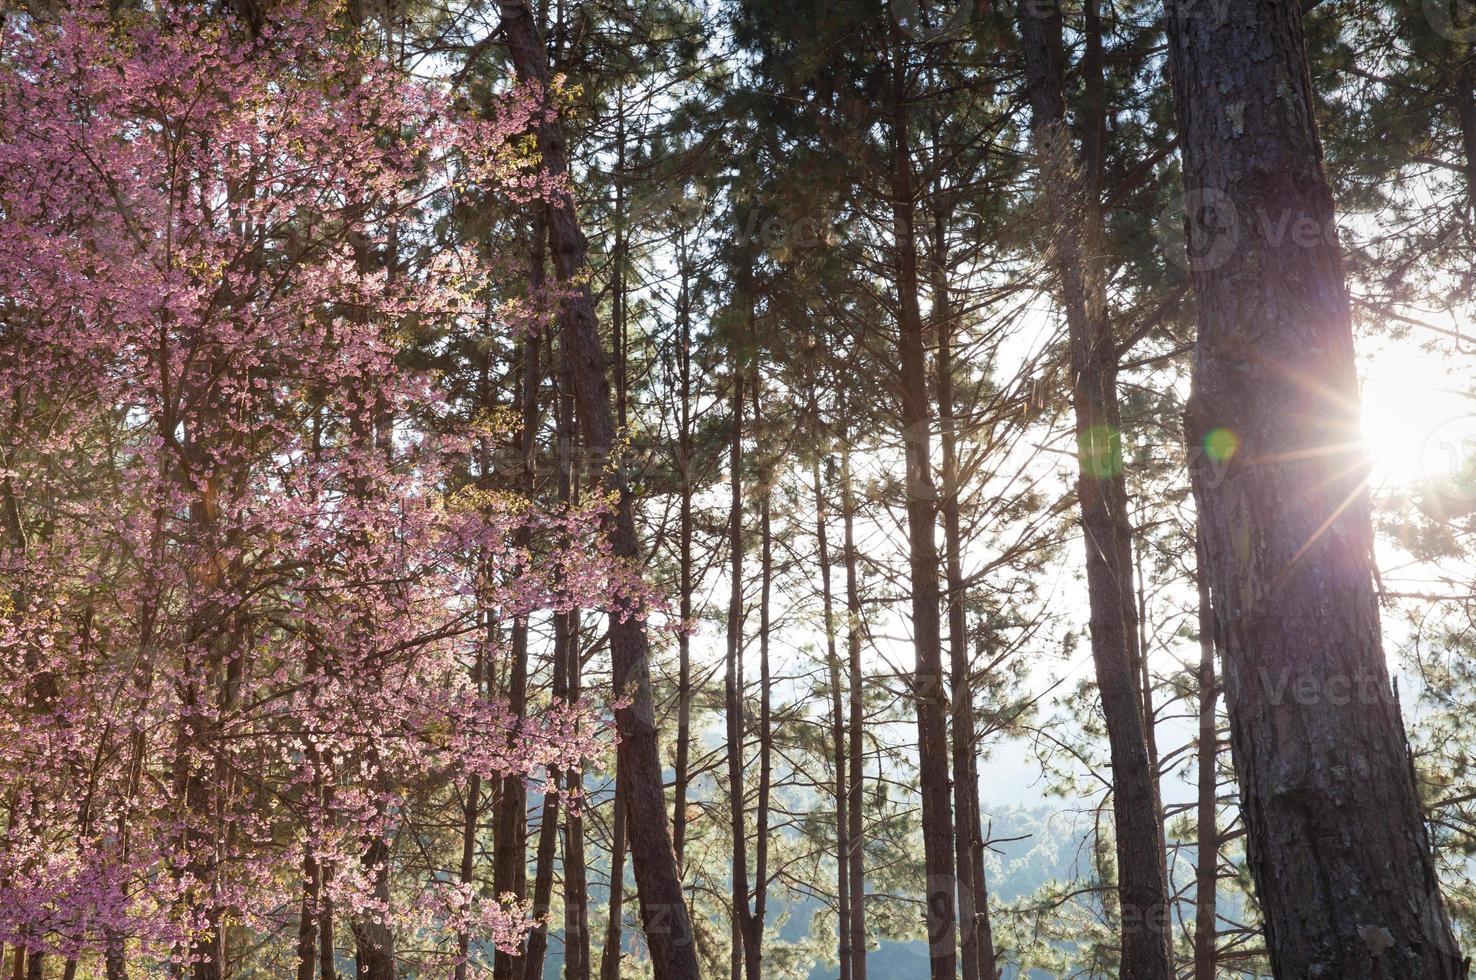 Sonnenschein auf Bäumen foto